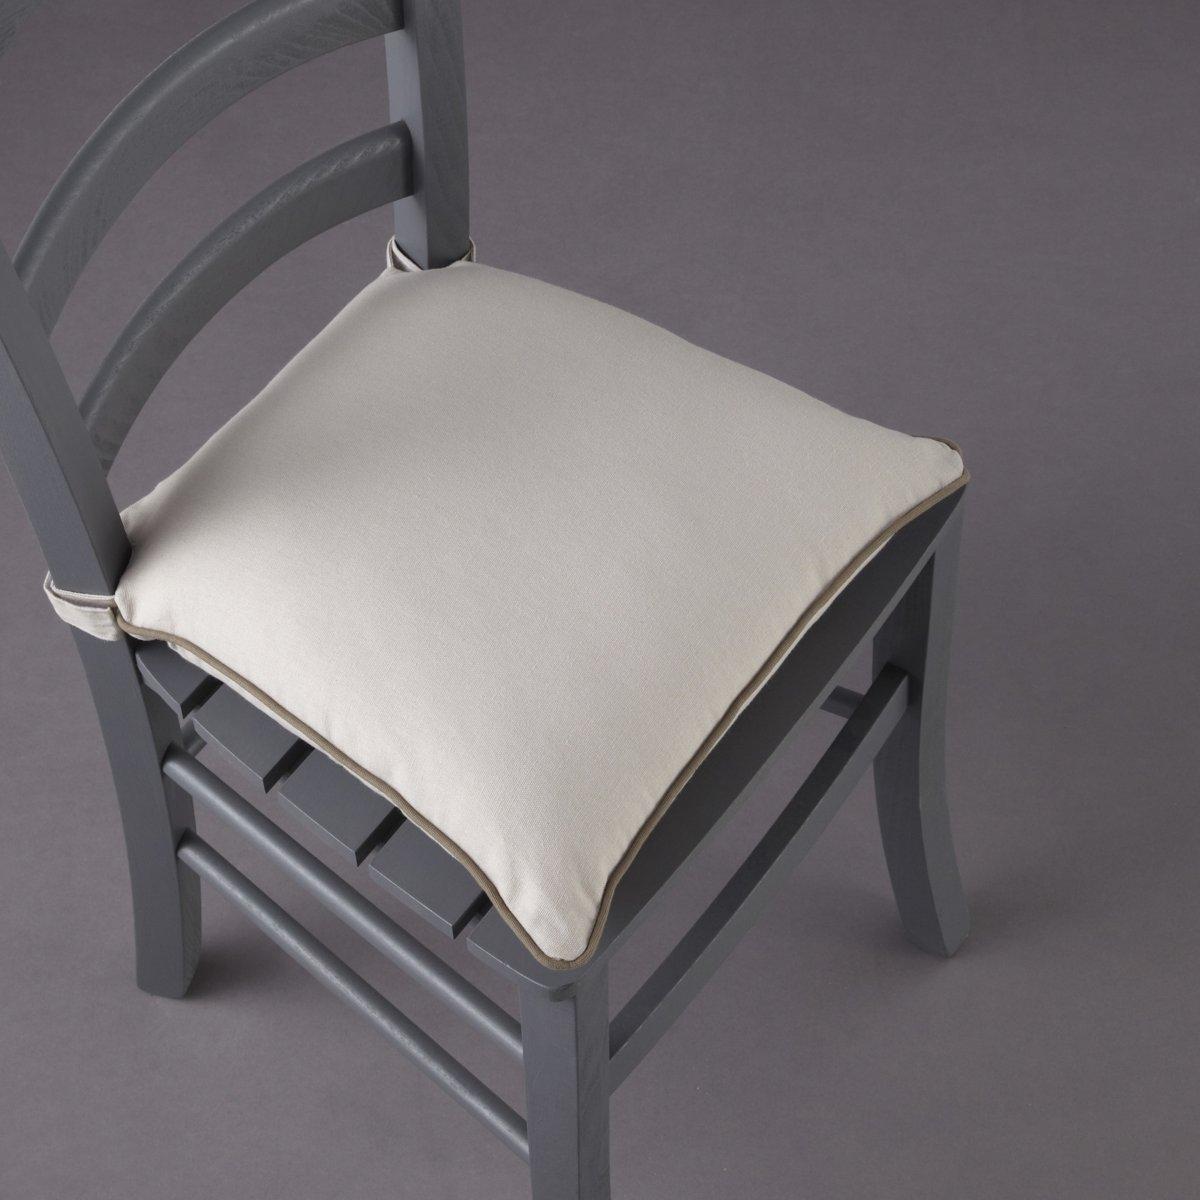 Подушка для стула, BRIDGYКоллекция предметов декора Valeur S?re - качественные изделия с красивой отделкой. Существует 5 однотонных расцветок и 1 принт в полоску (не для всех моделей). Все чехлы для мебели: кресел, диванов, стульев и для декоративных подушек (продаются отдельно на нашем сайте) отлично сочетаются. Состав, описание и уход: - 100% хлопок, отделка контрастным кантом. - Наполнитель: 100% полиэстера. - Съемный чехол. - Стирать при 40°C.- Застежка текстильная (липучка). - Размеры: 40 x 40 см, толщина: 4 см.Сертификат Oeko-Tex® дает гарантию того, что товары изготовлены без применения химических средств и не представляют опасности для здоровья человека.<br><br>Цвет: белый/ черный,индиго/серый жемчужный,серо-бежевый/серо-коричневый,серо-коричневый/серо-бежевый,серый жемчужный/ белый<br>Размер: 40 x 40  см